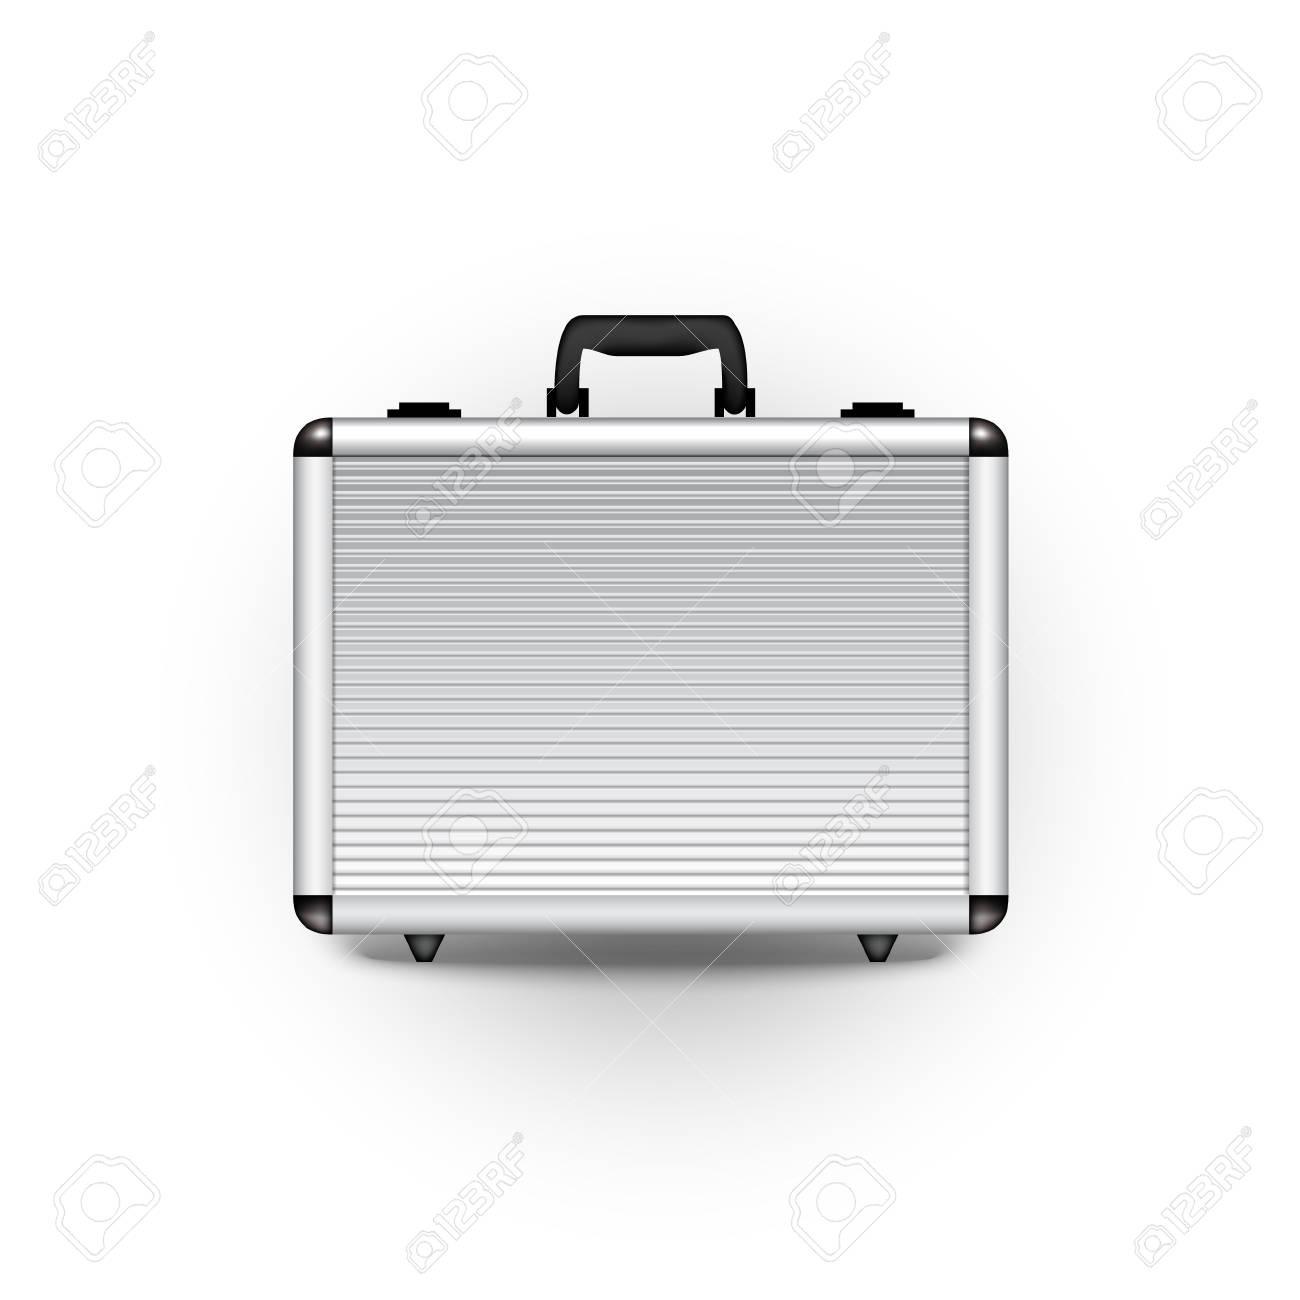 banque d images design finance objet de bureau mallette metallique vector